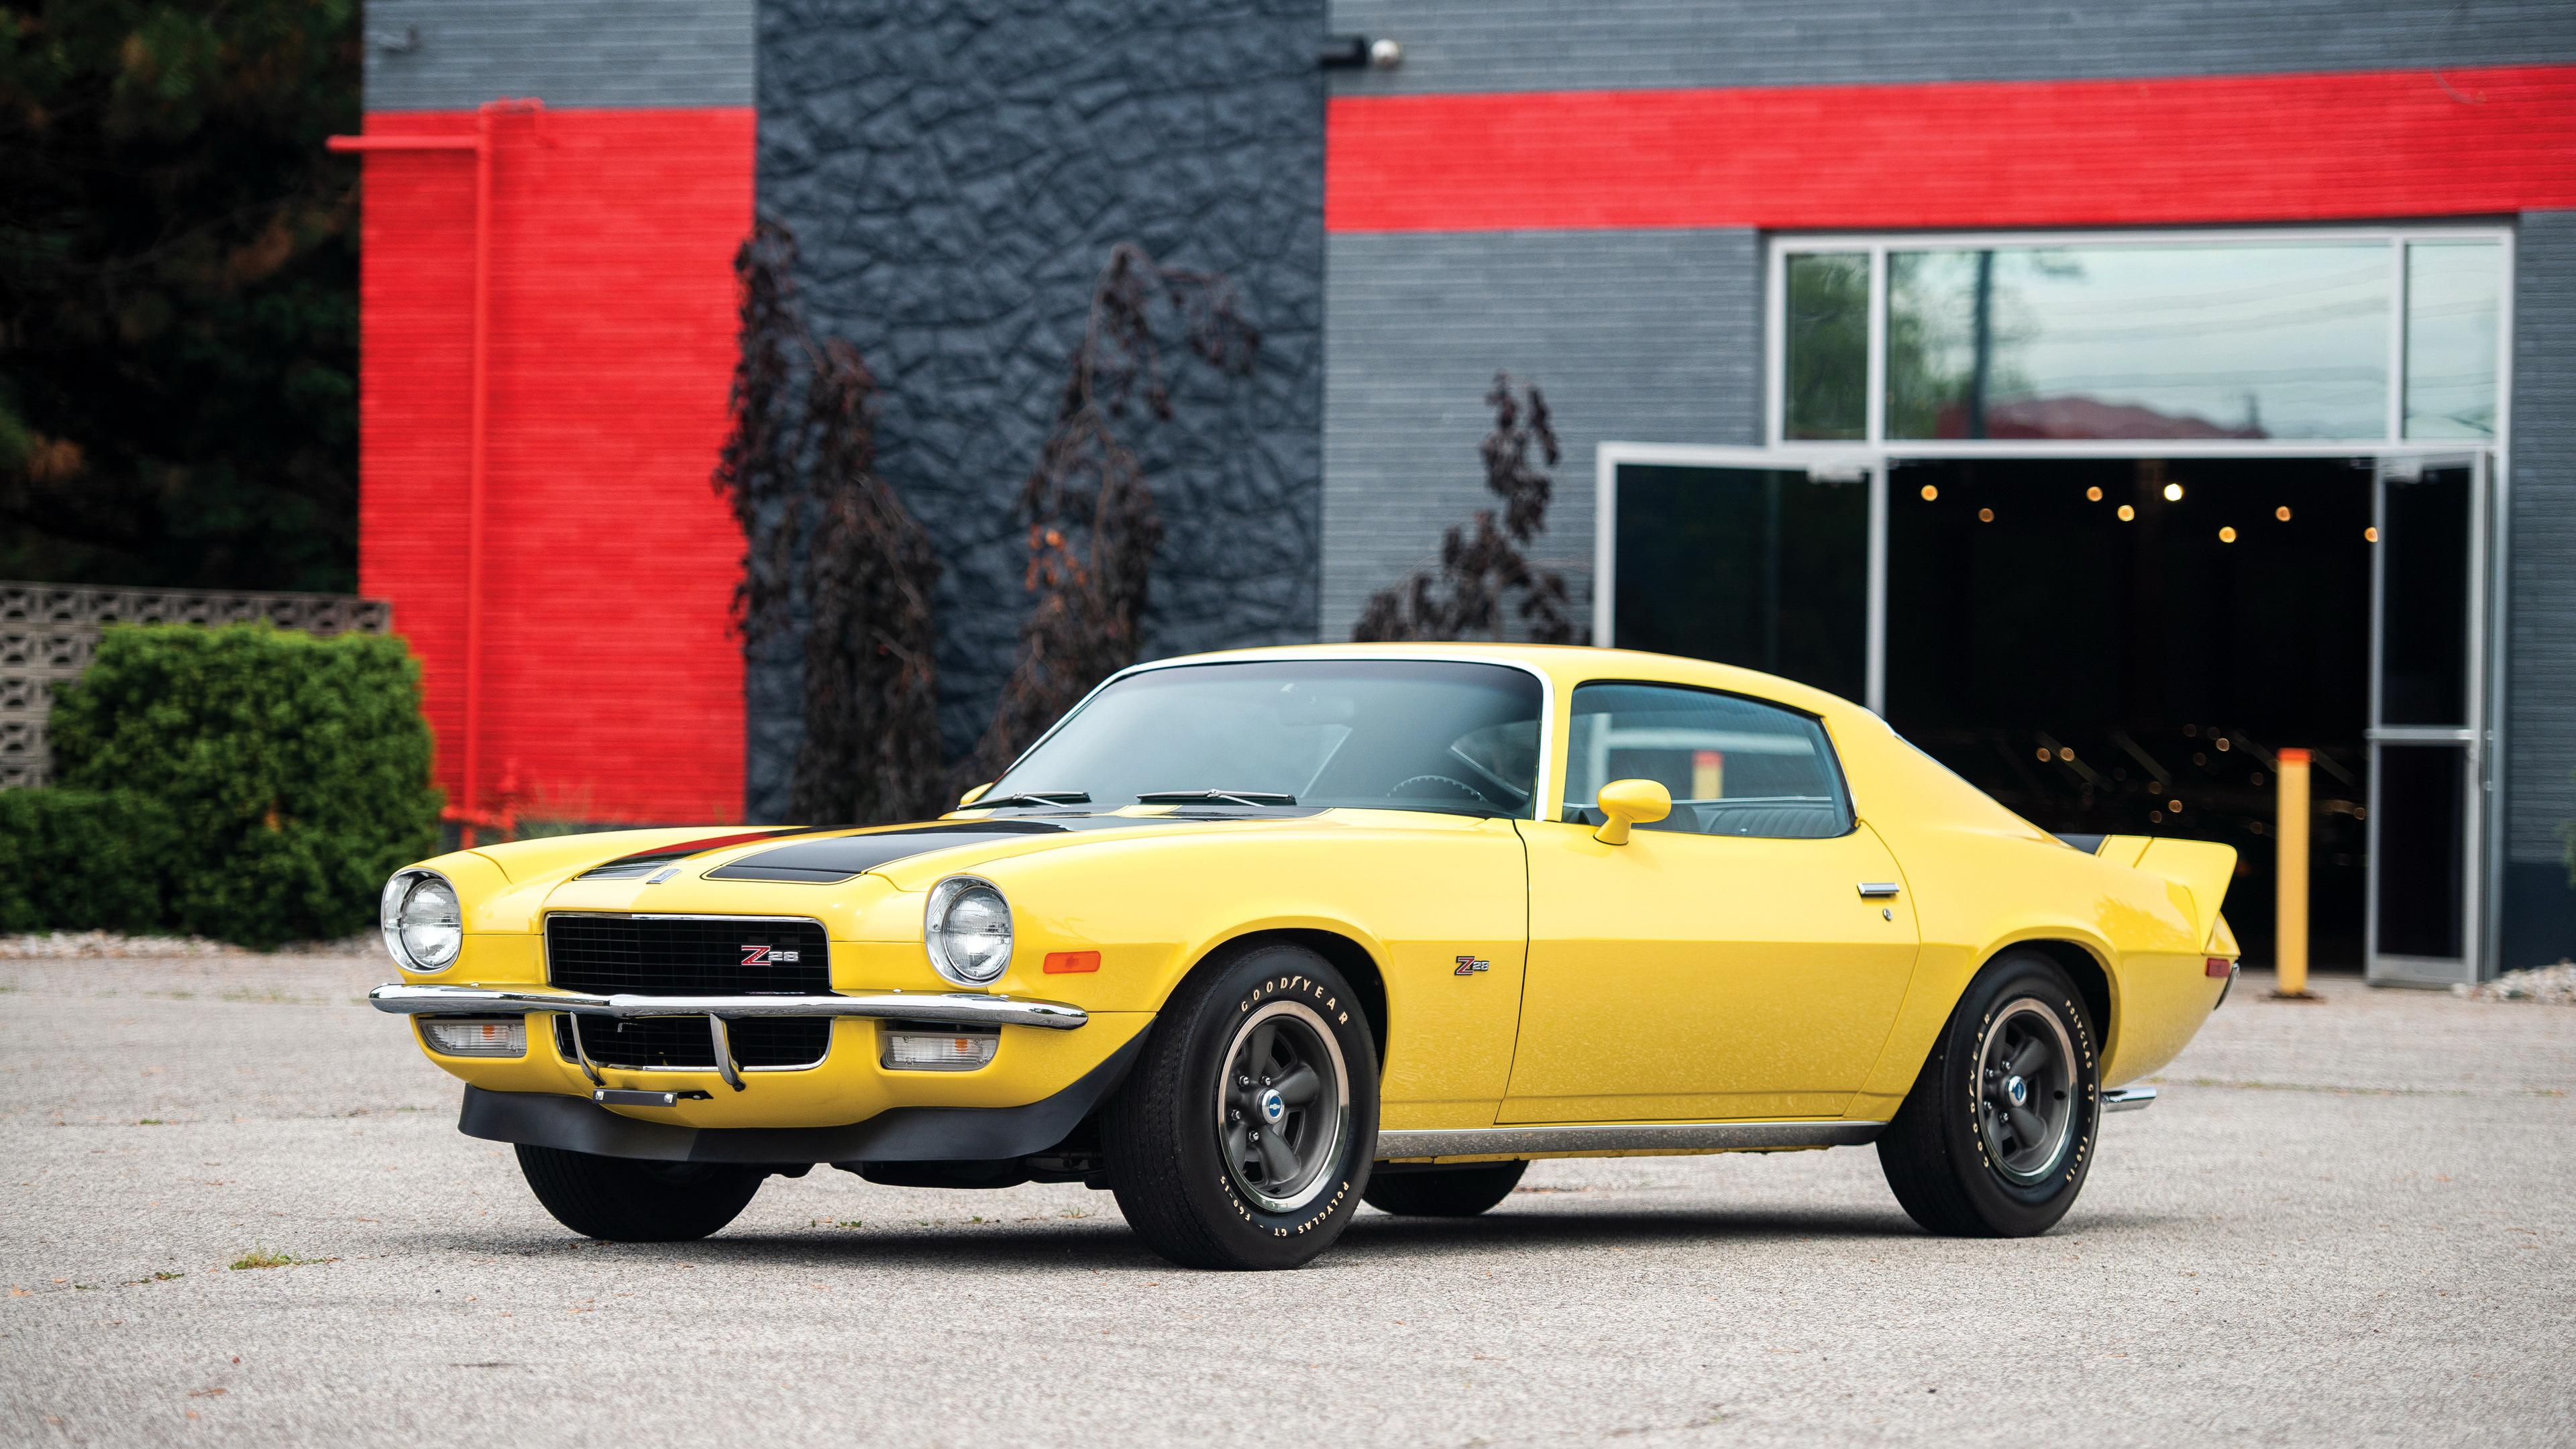 1970 chevrolet camaro z28 1539111834 - 1970 Chevrolet Camaro Z28 - hd-wallpapers, chevrolet wallpapers, chevrolet camaro wallpapers, cars wallpapers, 4k-wallpapers